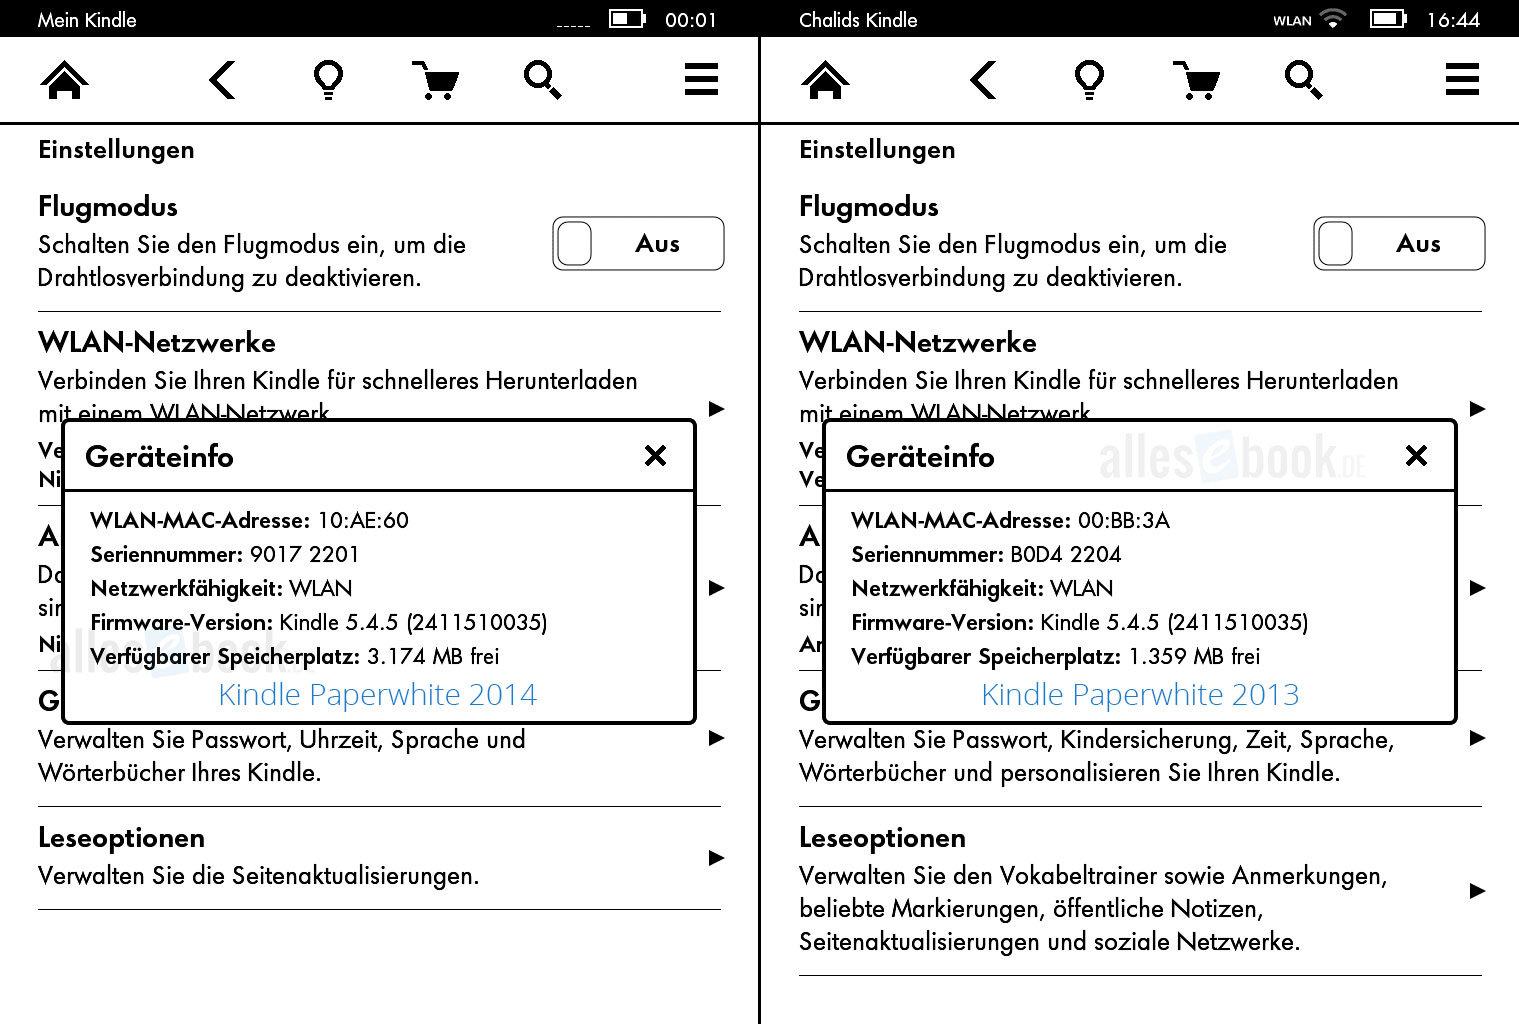 Speicherplatz-Vergleich Paperwhite 2014 vs. Paperwhite 2013